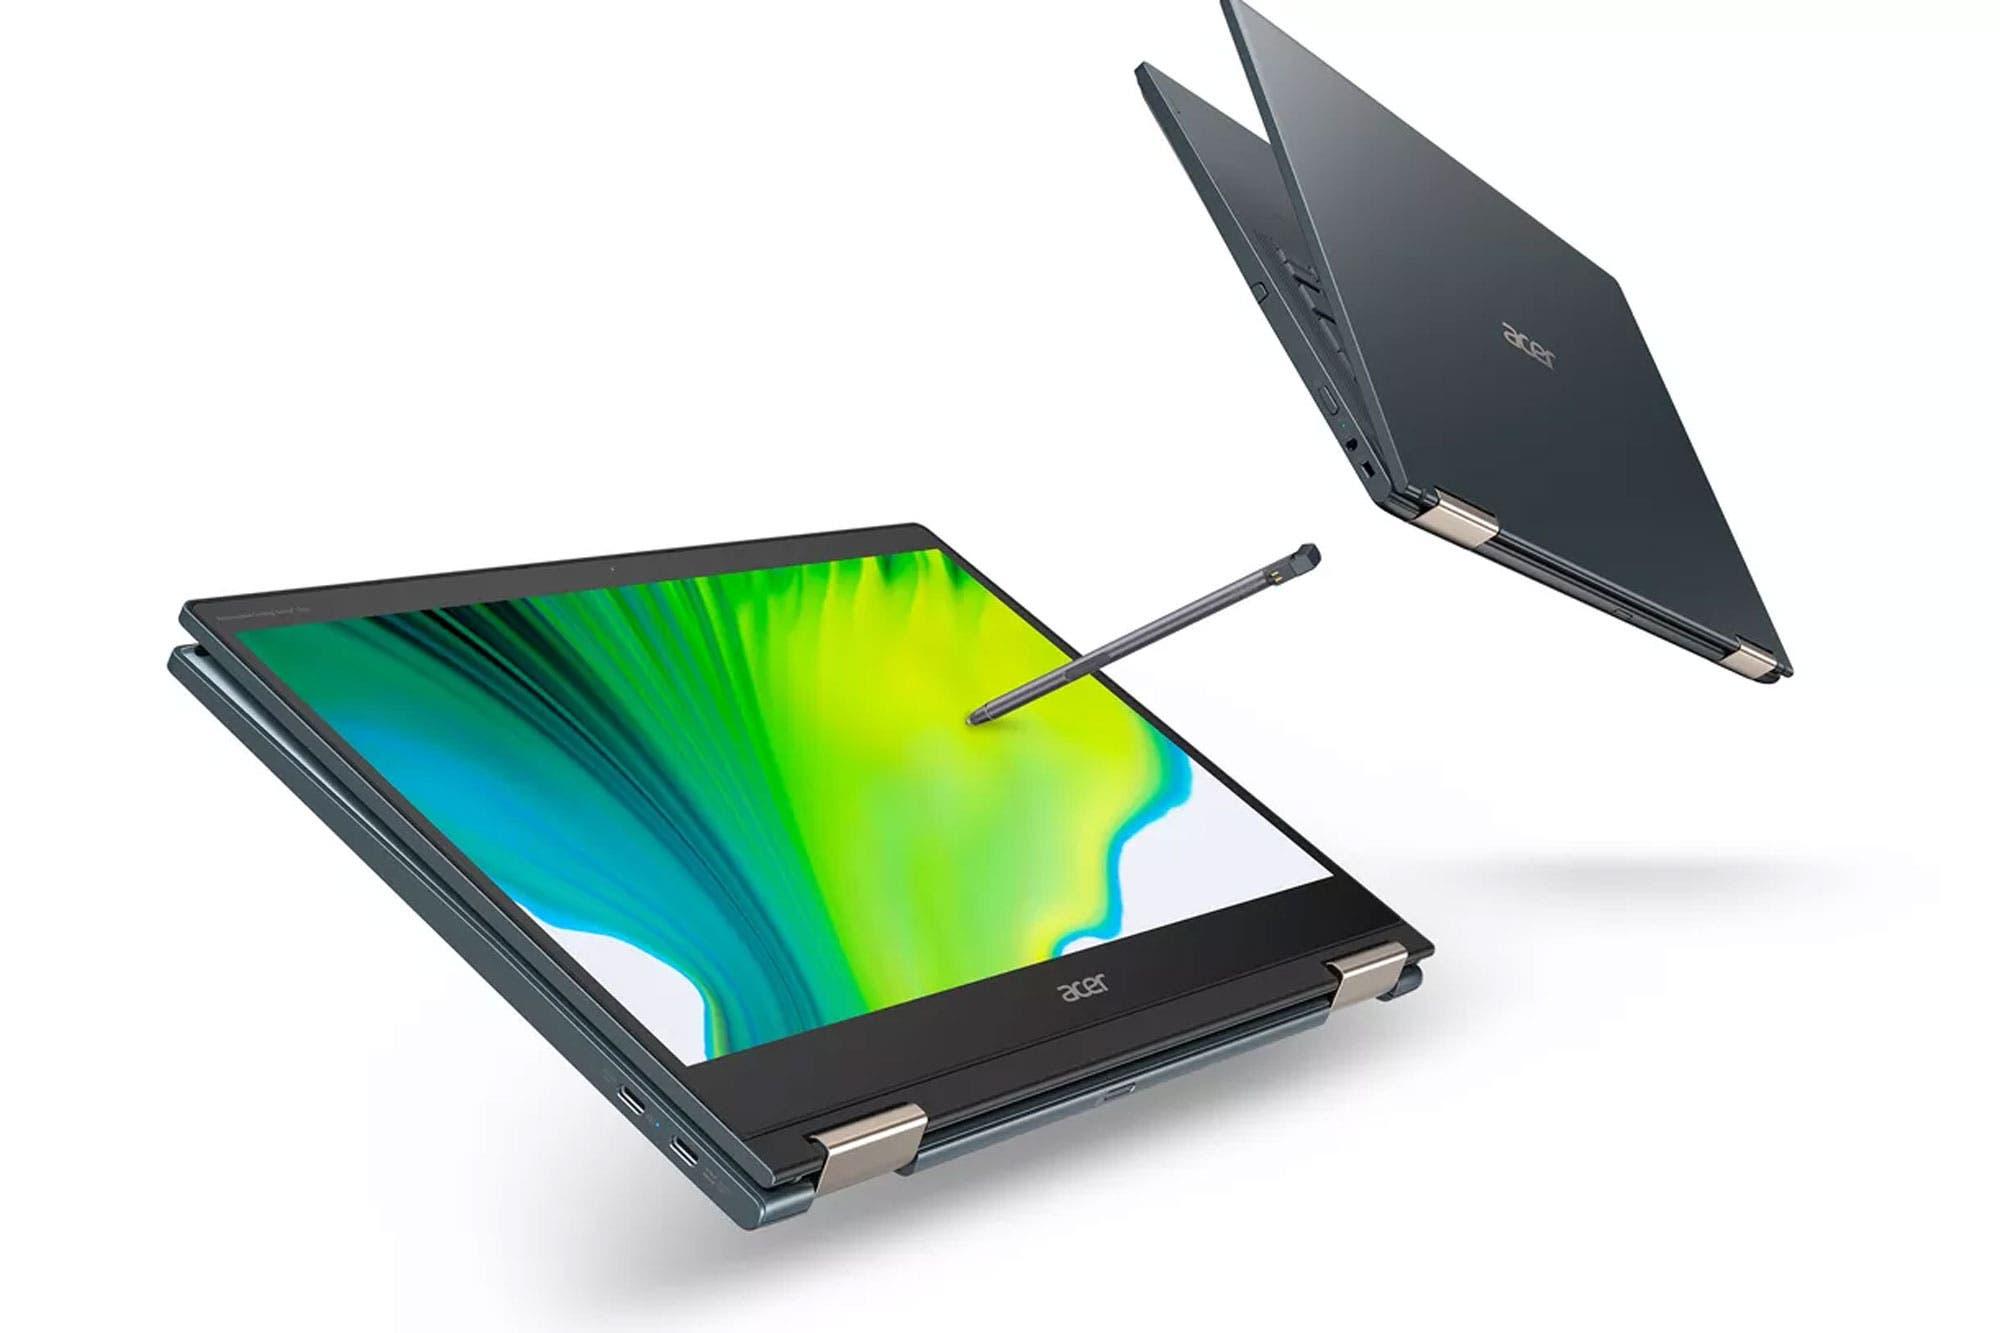 Snapdragon en PC: Qualcomm lanza su chip 8cx Gen 2 5G para notebooks con una autonomía de uso de hasta 25 horas